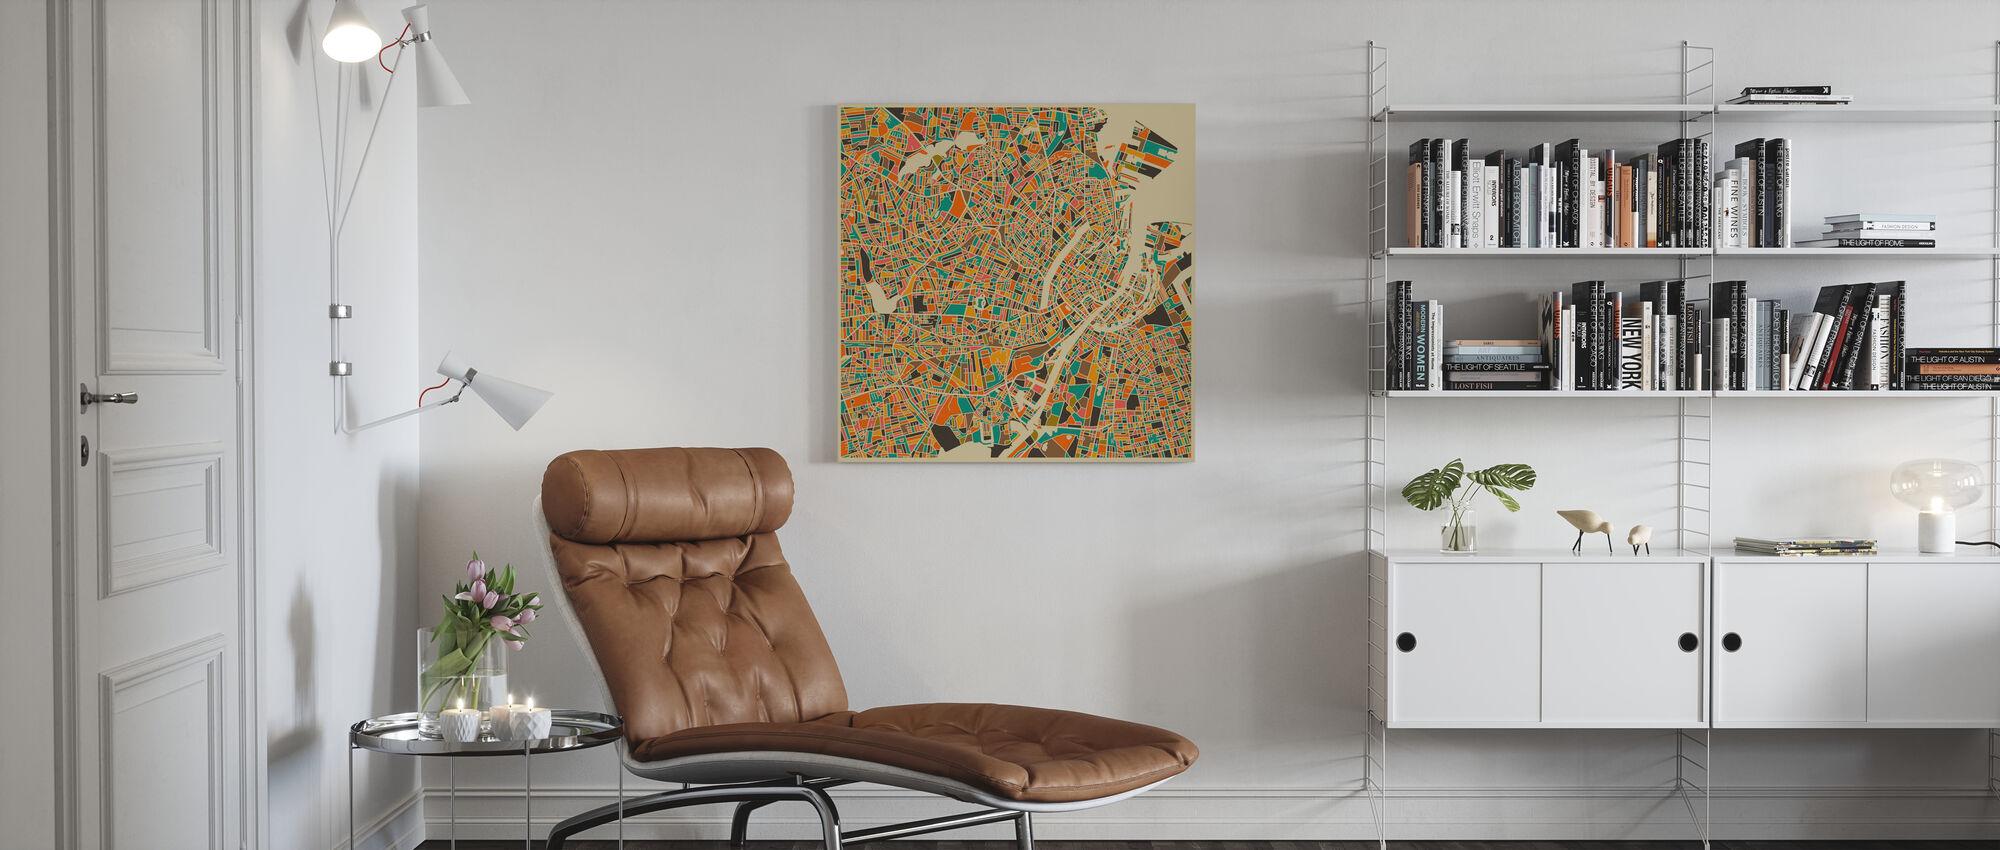 Karta över Multicolor - Köpenhamn - Canvastavla - Vardagsrum